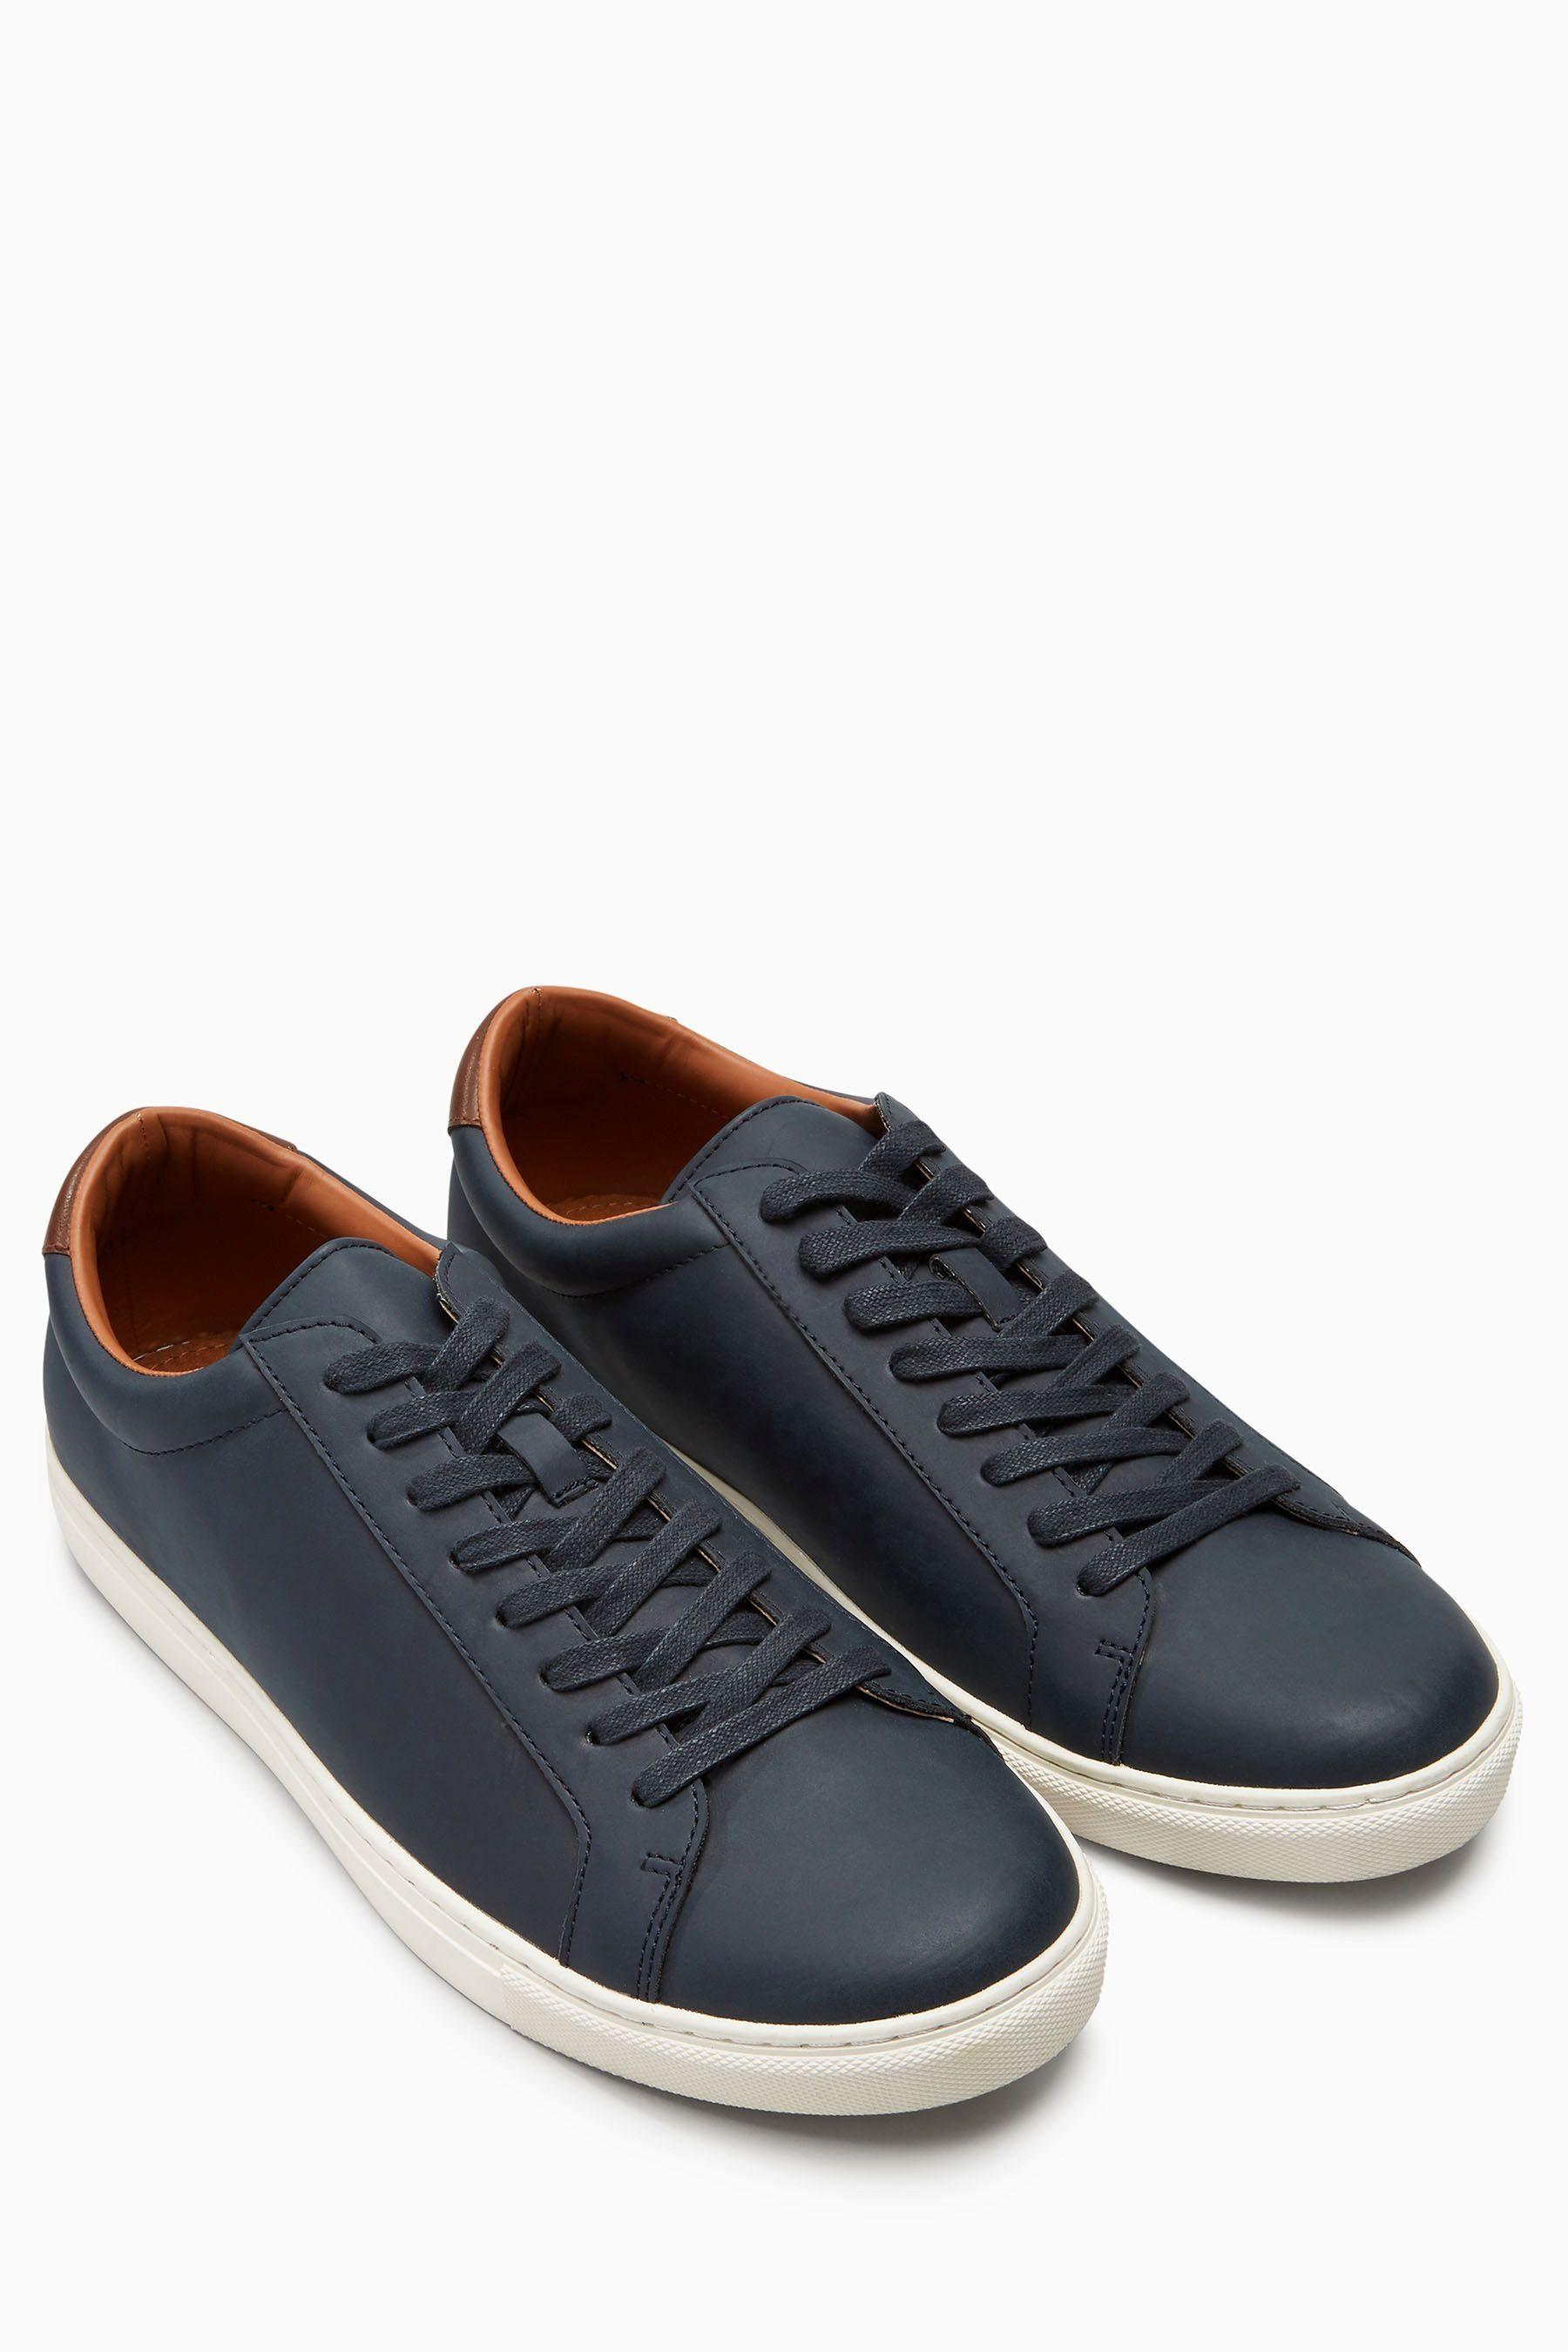 Next Sneaker online kaufen  Navy